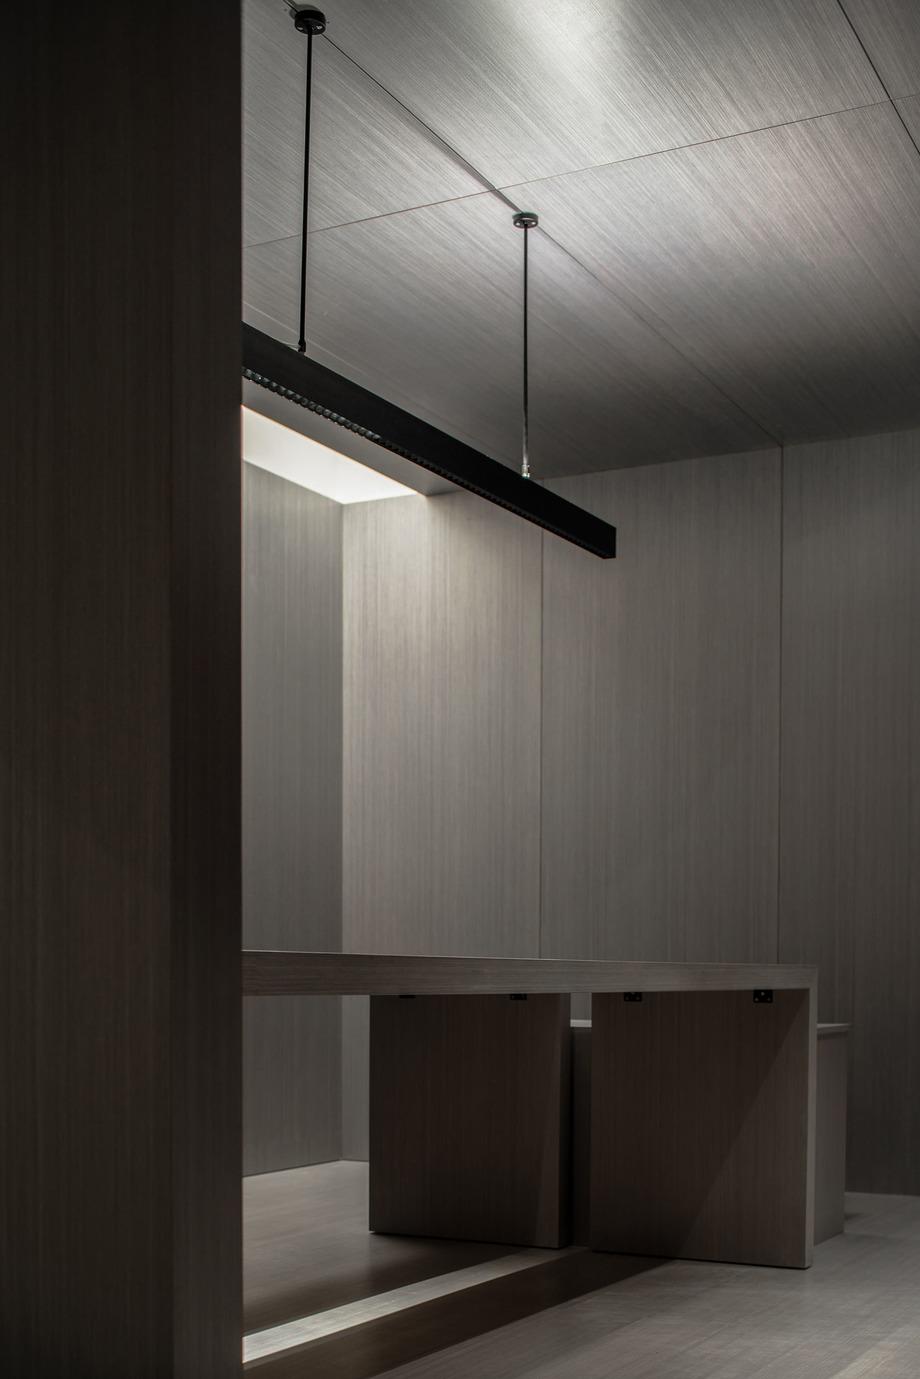 showroom de jst architecture (30) - foto he chuan